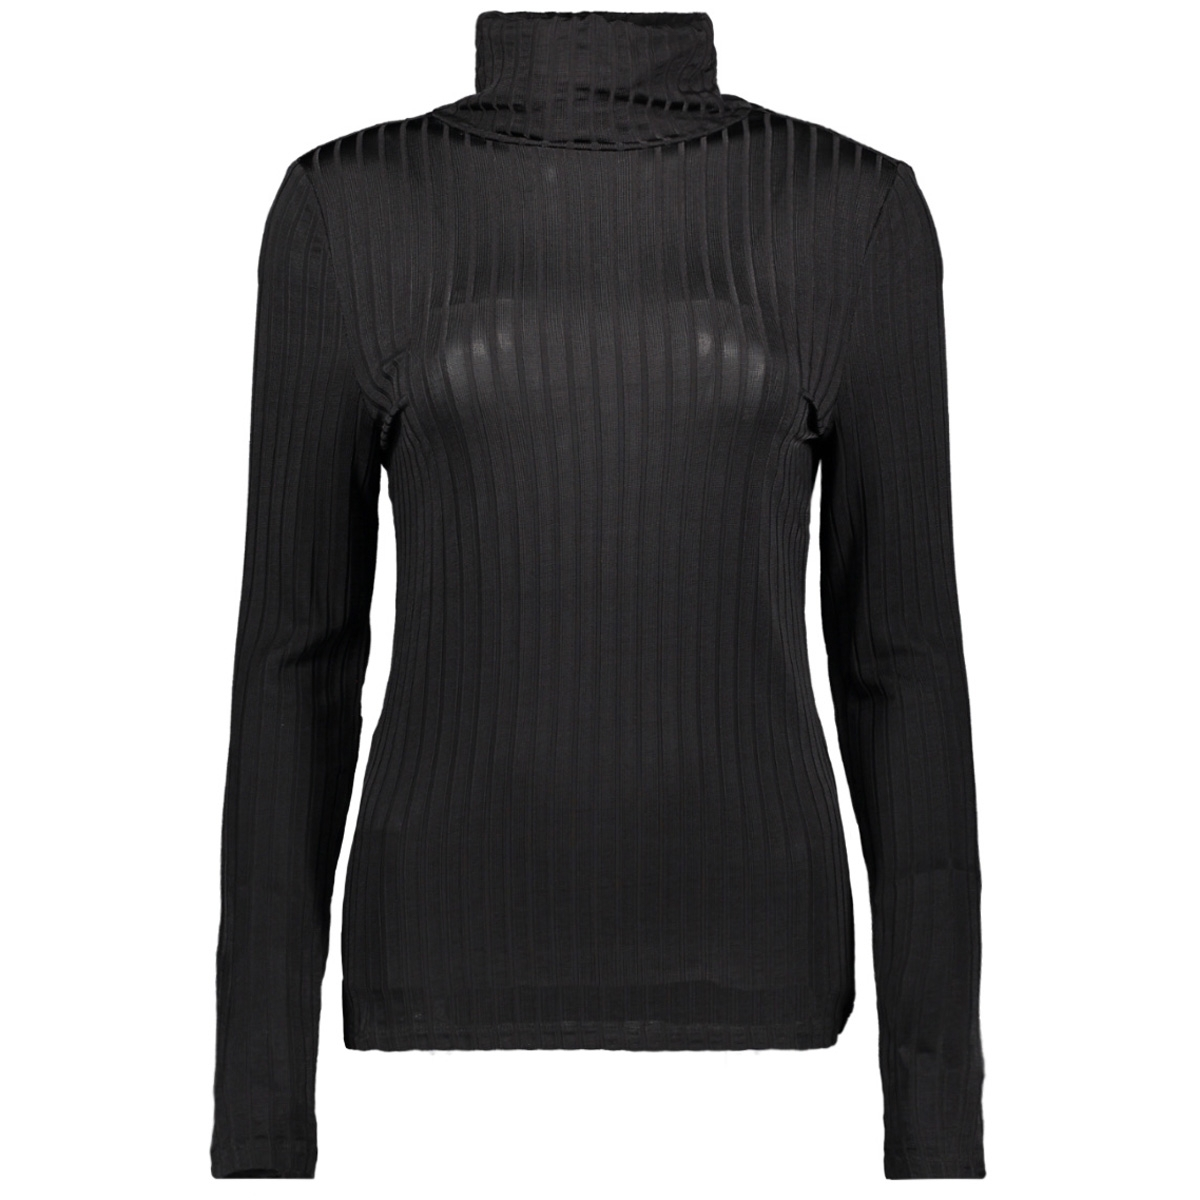 vibenja l/s rollneck t-shirt 14053993 vila t-shirt black